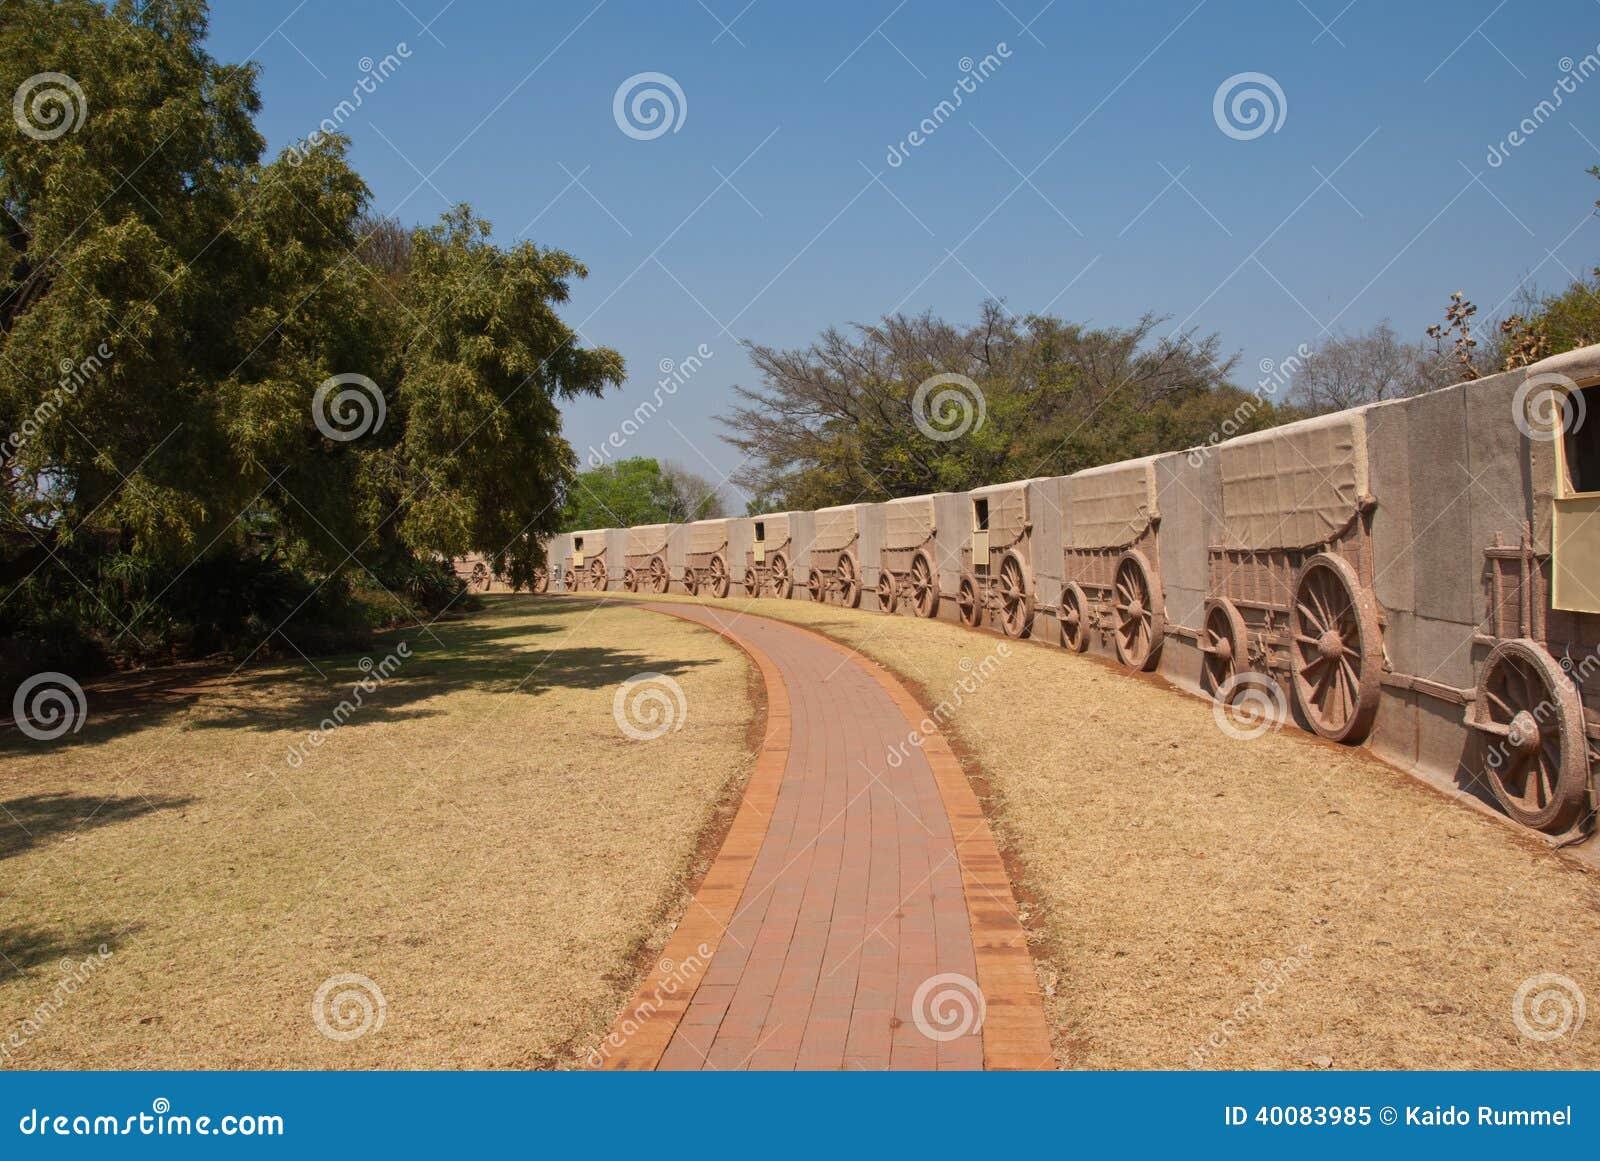 Voortrekker纪念碑的无盖货车墙壁